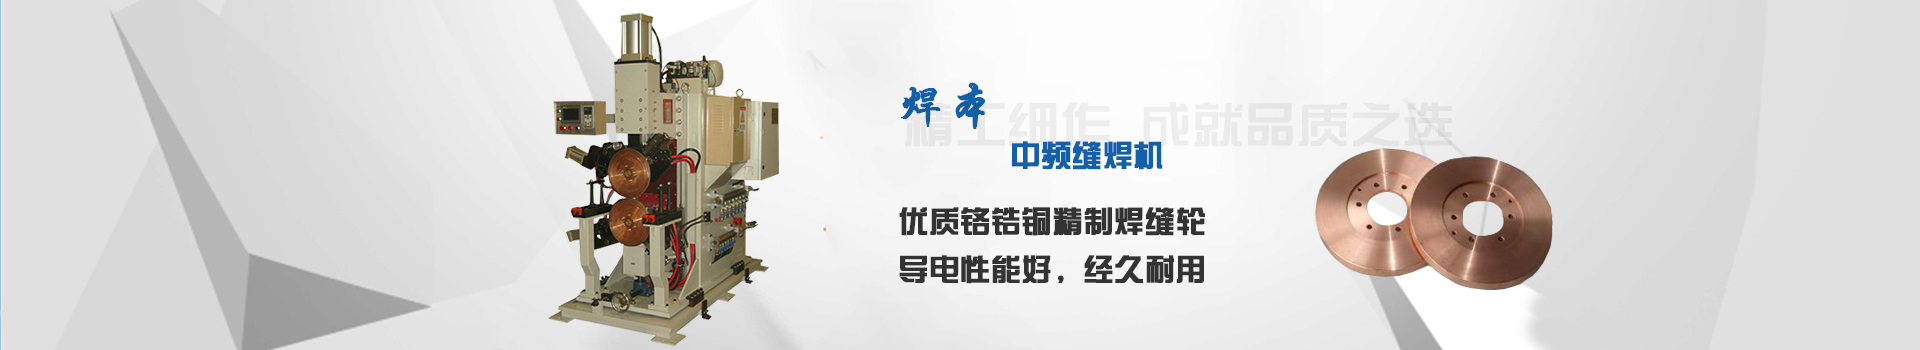 中频缝焊机内页广告